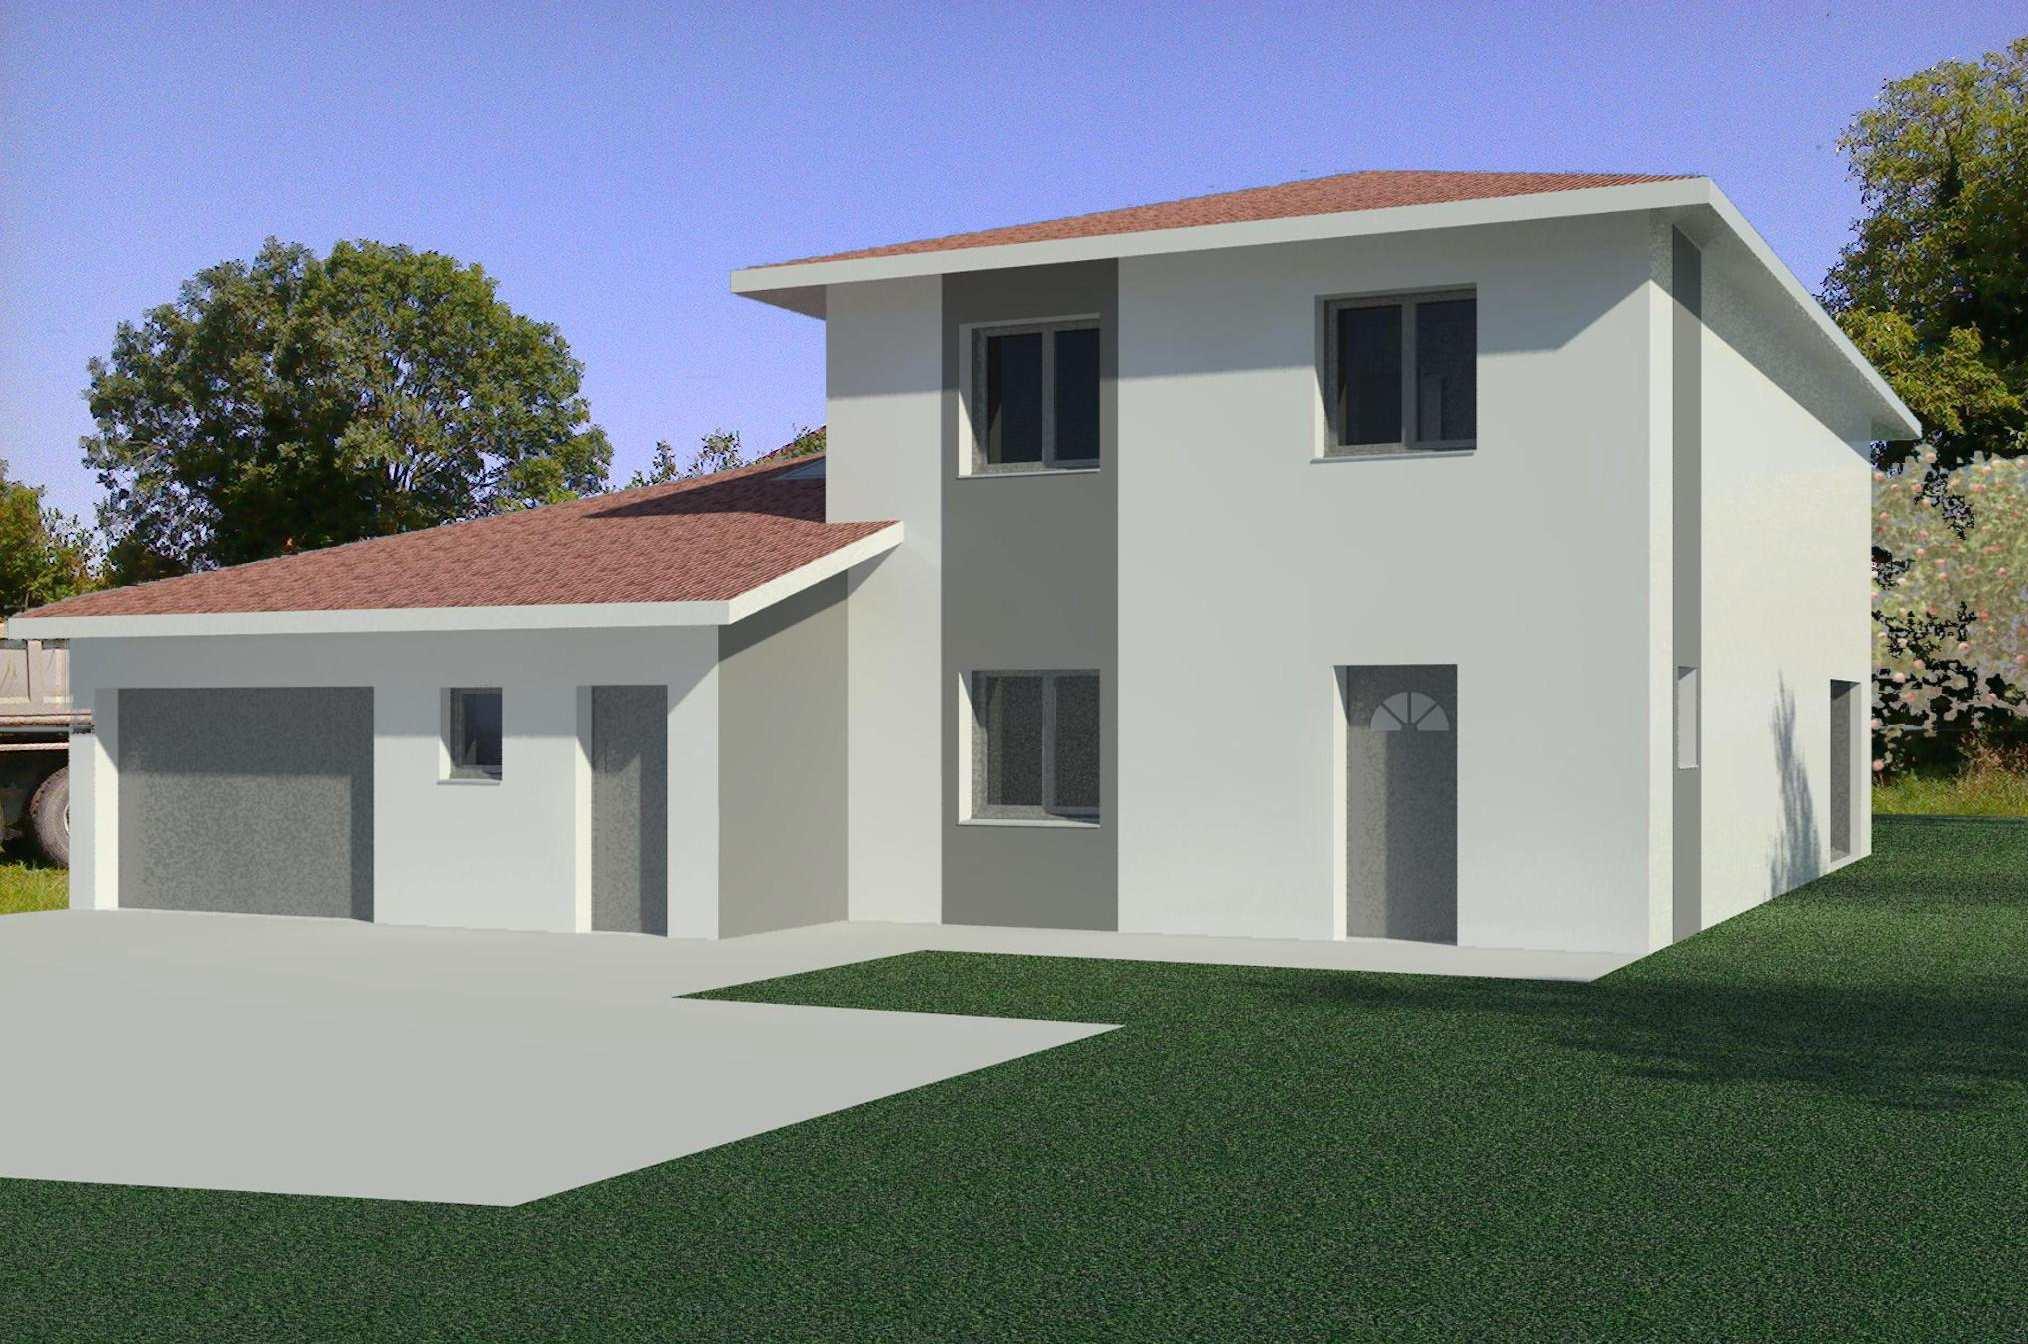 Maisons du constructeur STARBAT • 92 m² • TOUSSIEUX